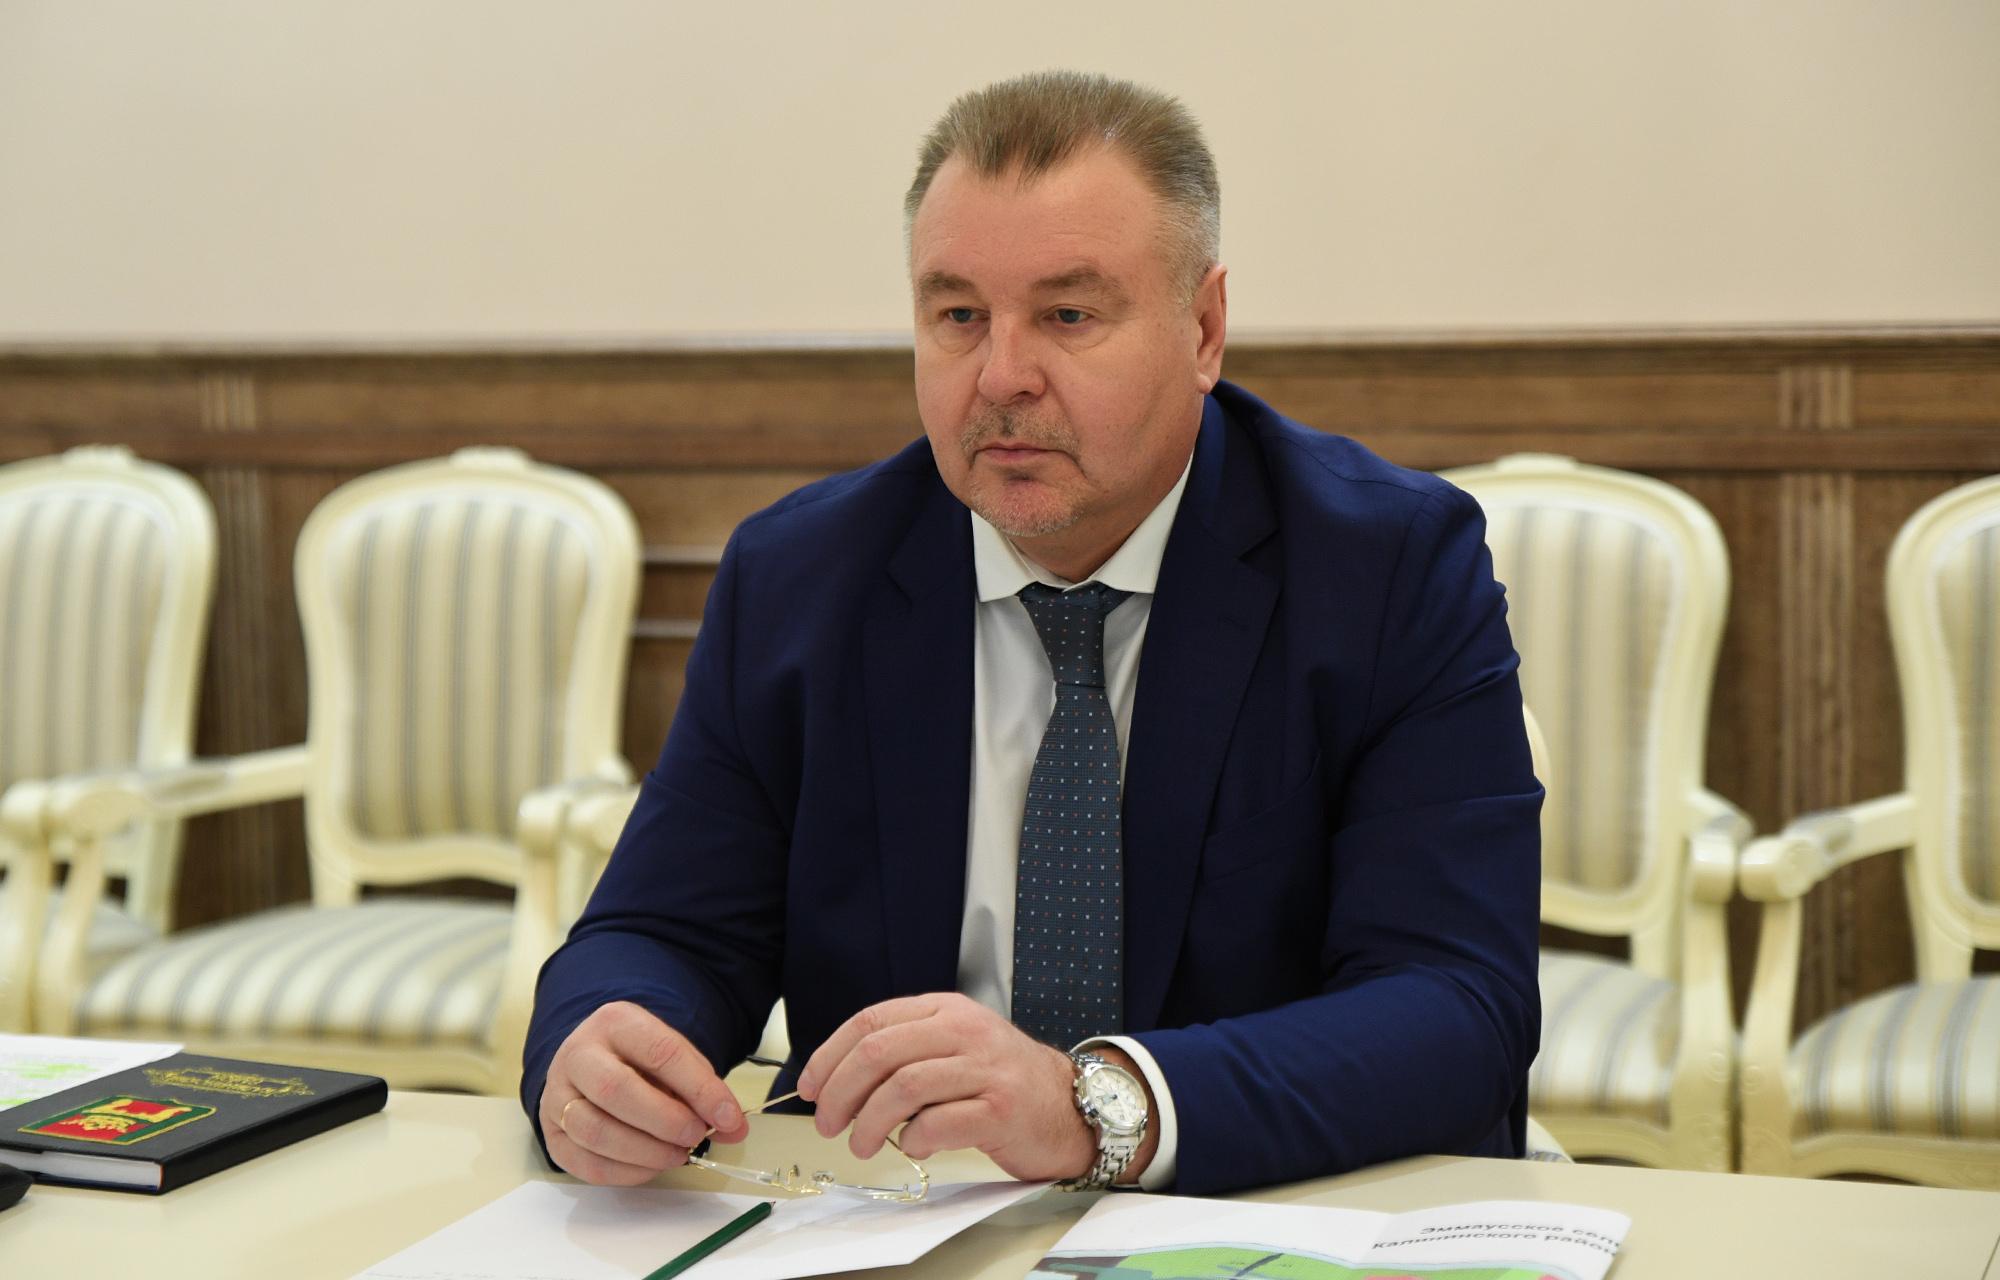 Андрей Зайцев: Калининский район максимально использует предоставленную федеральным центром и регионом возможность